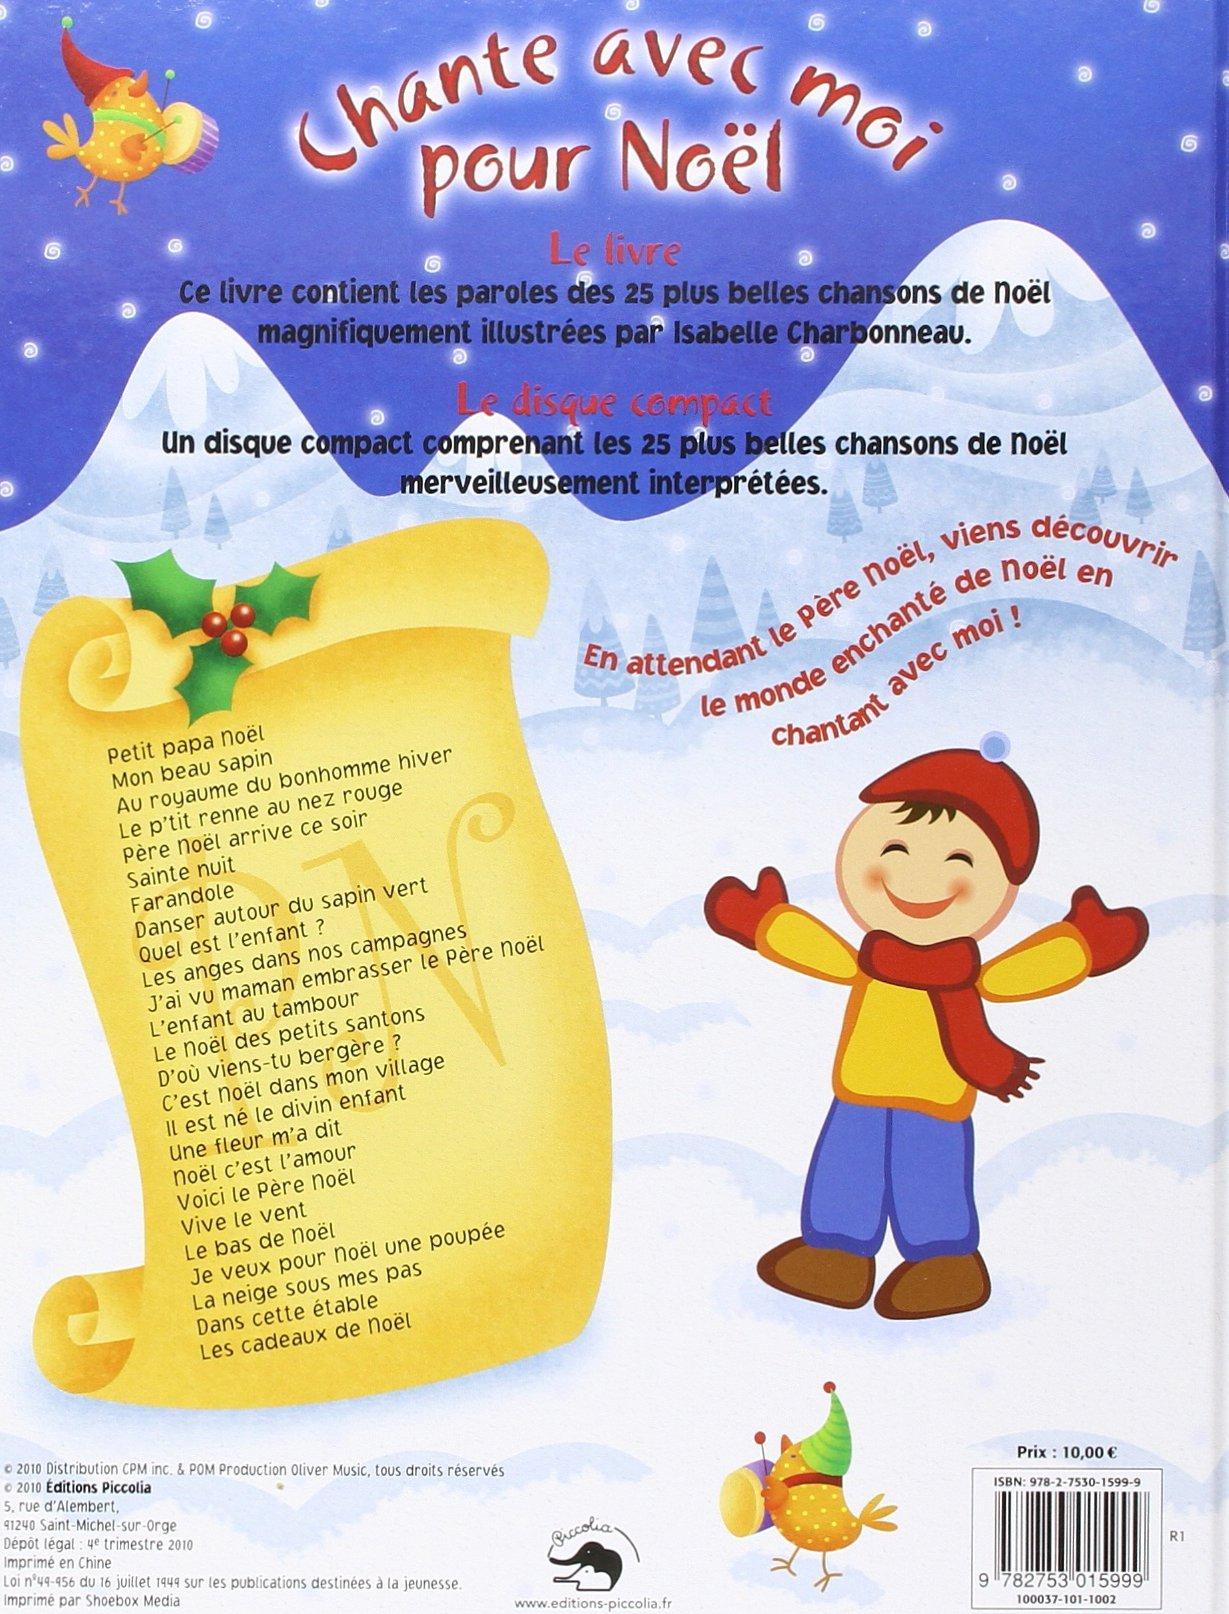 Pour Noël - Les 25 Plus Belles Chansons De Noël (1Cd Audio) Isabelle  Charbonneau | 3L Librairie encequiconcerne Chanson De Noel En Chinois